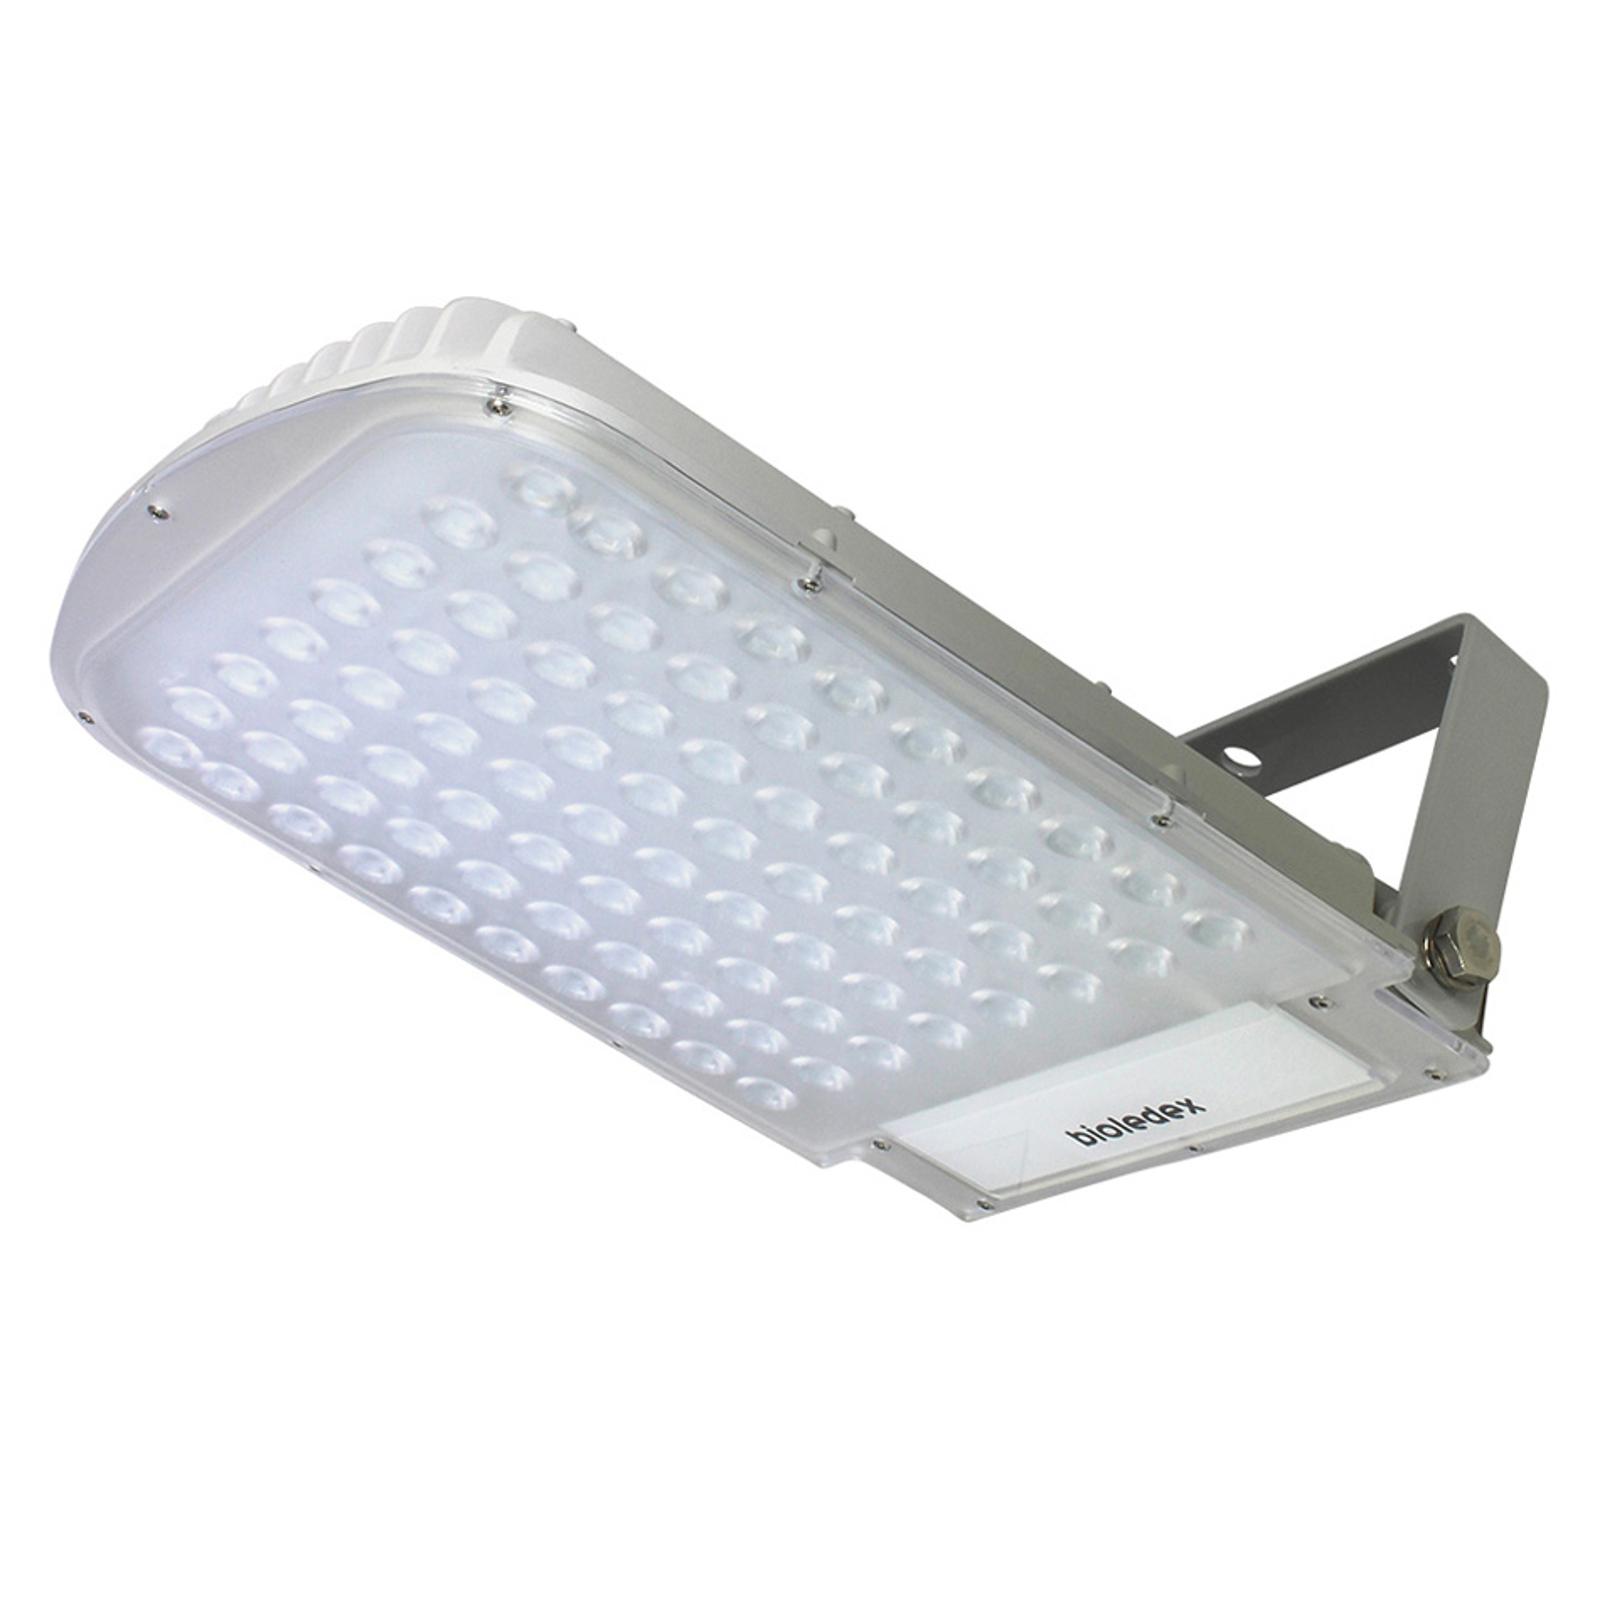 LED spot Astir 50W warmwit 3.000K 70°